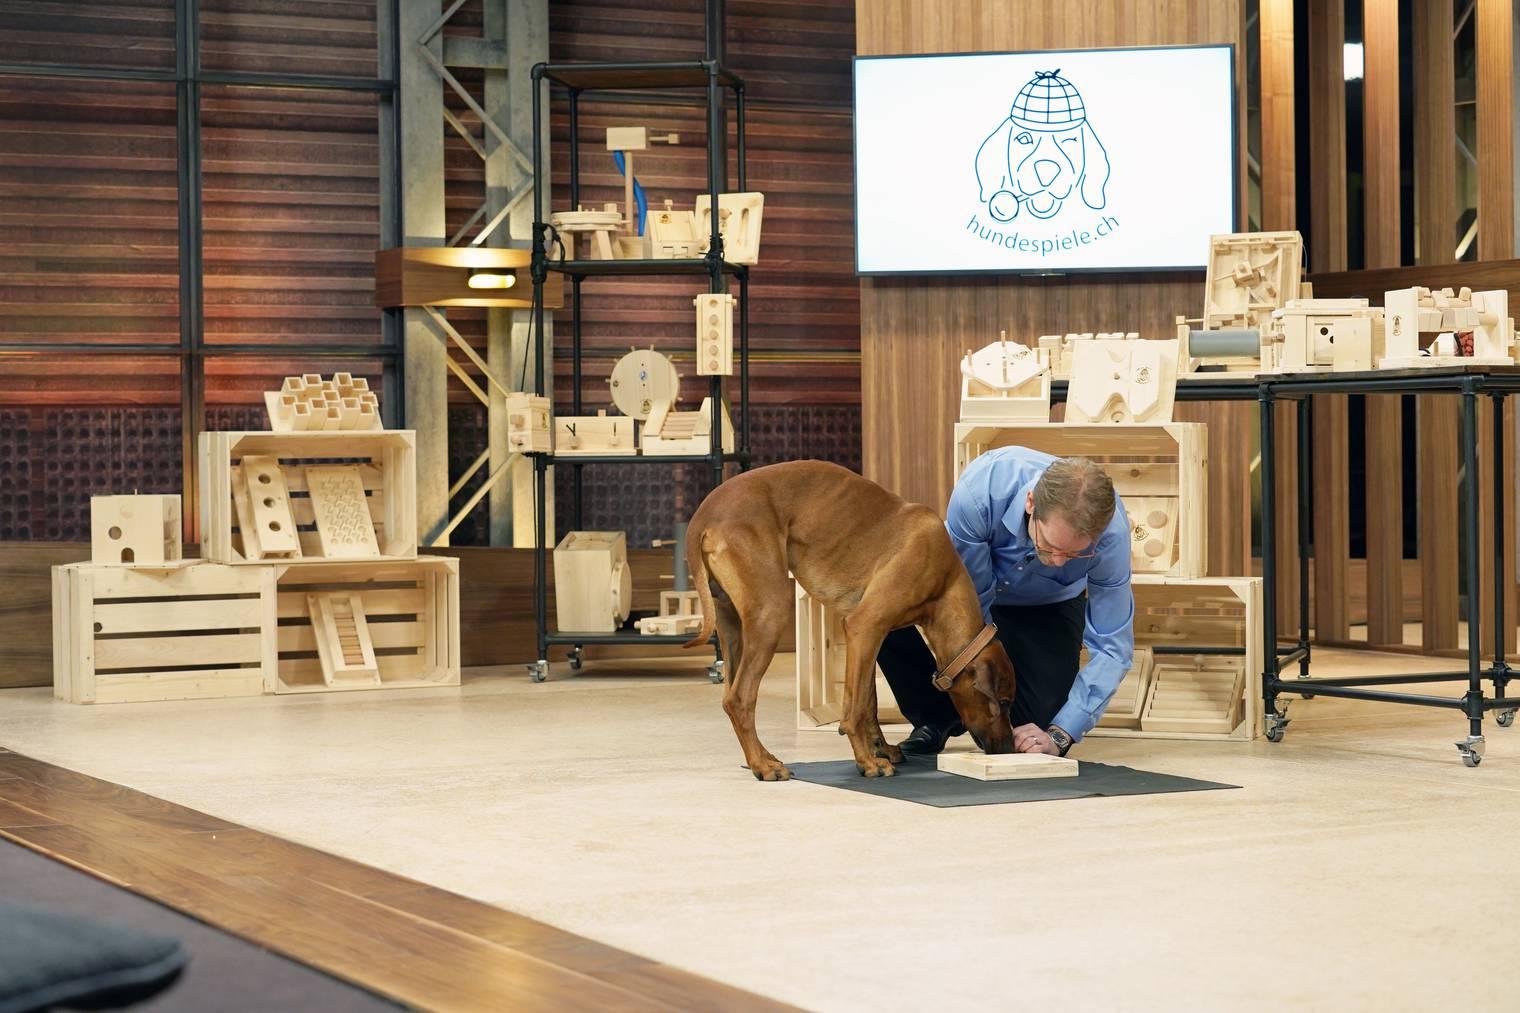 «Fitz The Dog», der treue Begleiter von Investor Tobias Reichmuth, testet das Spielzeug höchstpersönlich. (Bild: pd)